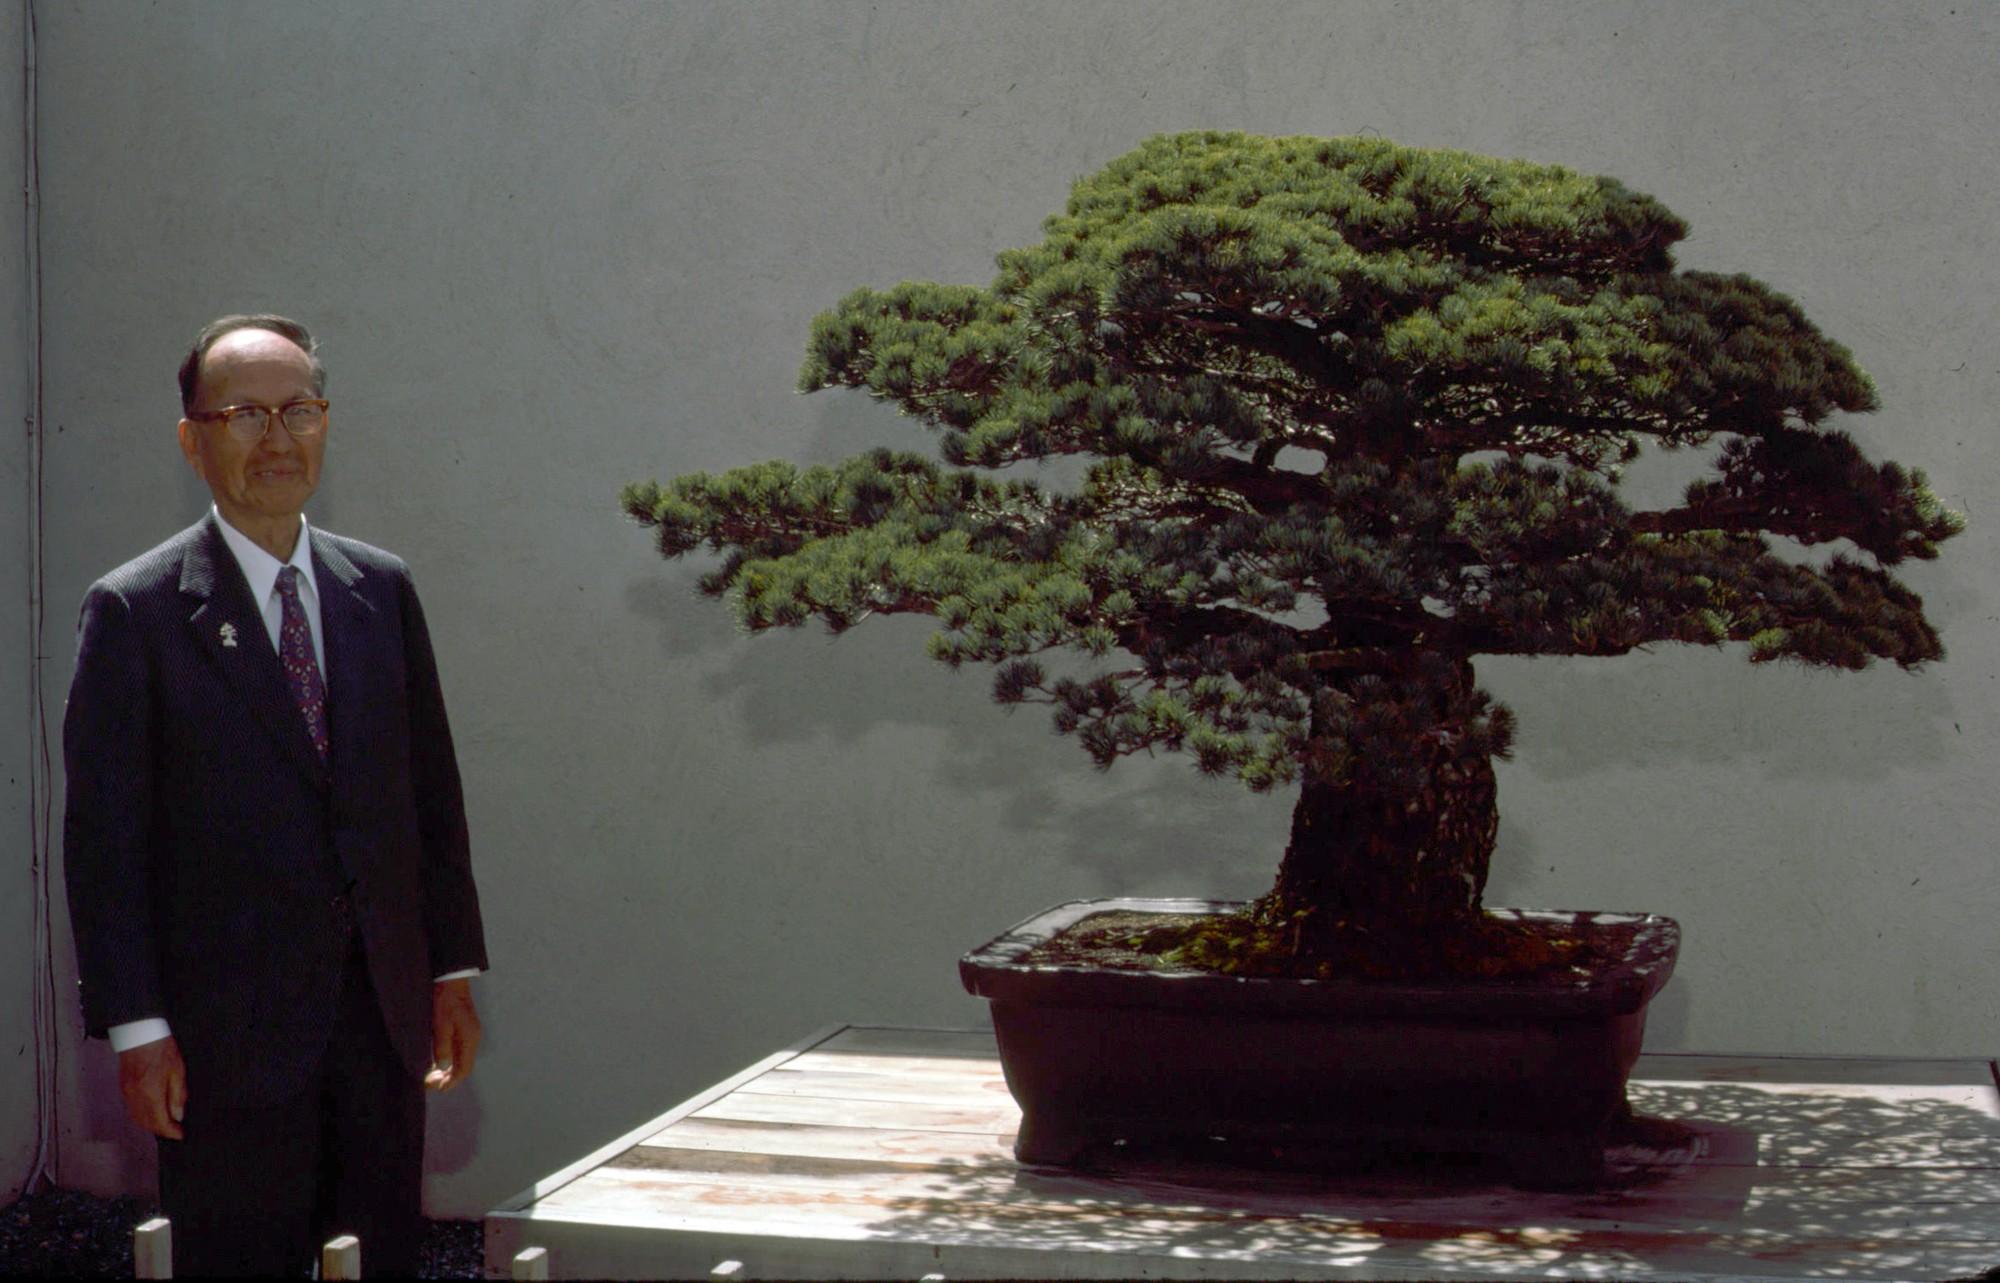 Cây bonsai Nhật Bản 400 tuổi: Nhân chứng lịch sử thảm họa Hiroshima với sức sống mãnh liệt, bom nguyên tử cũng không thể quật ngã - Ảnh 6.